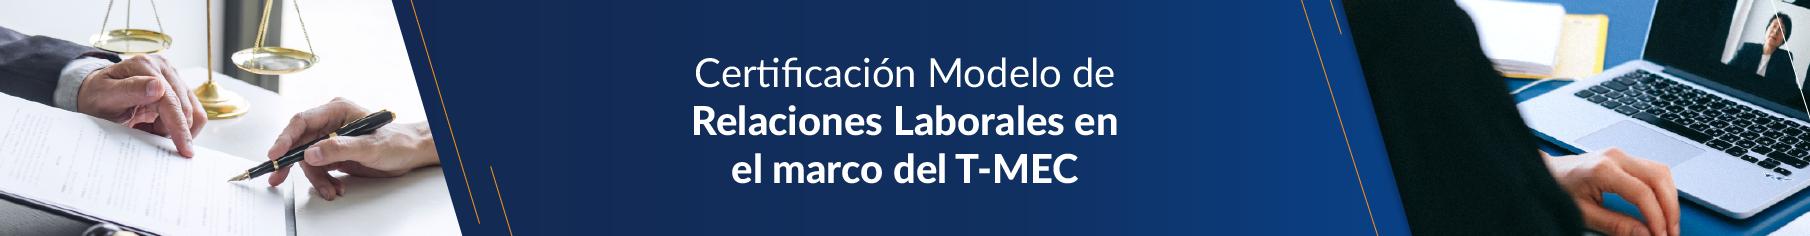 Modelo de Relaciones Laborales en el marco del T-MEC